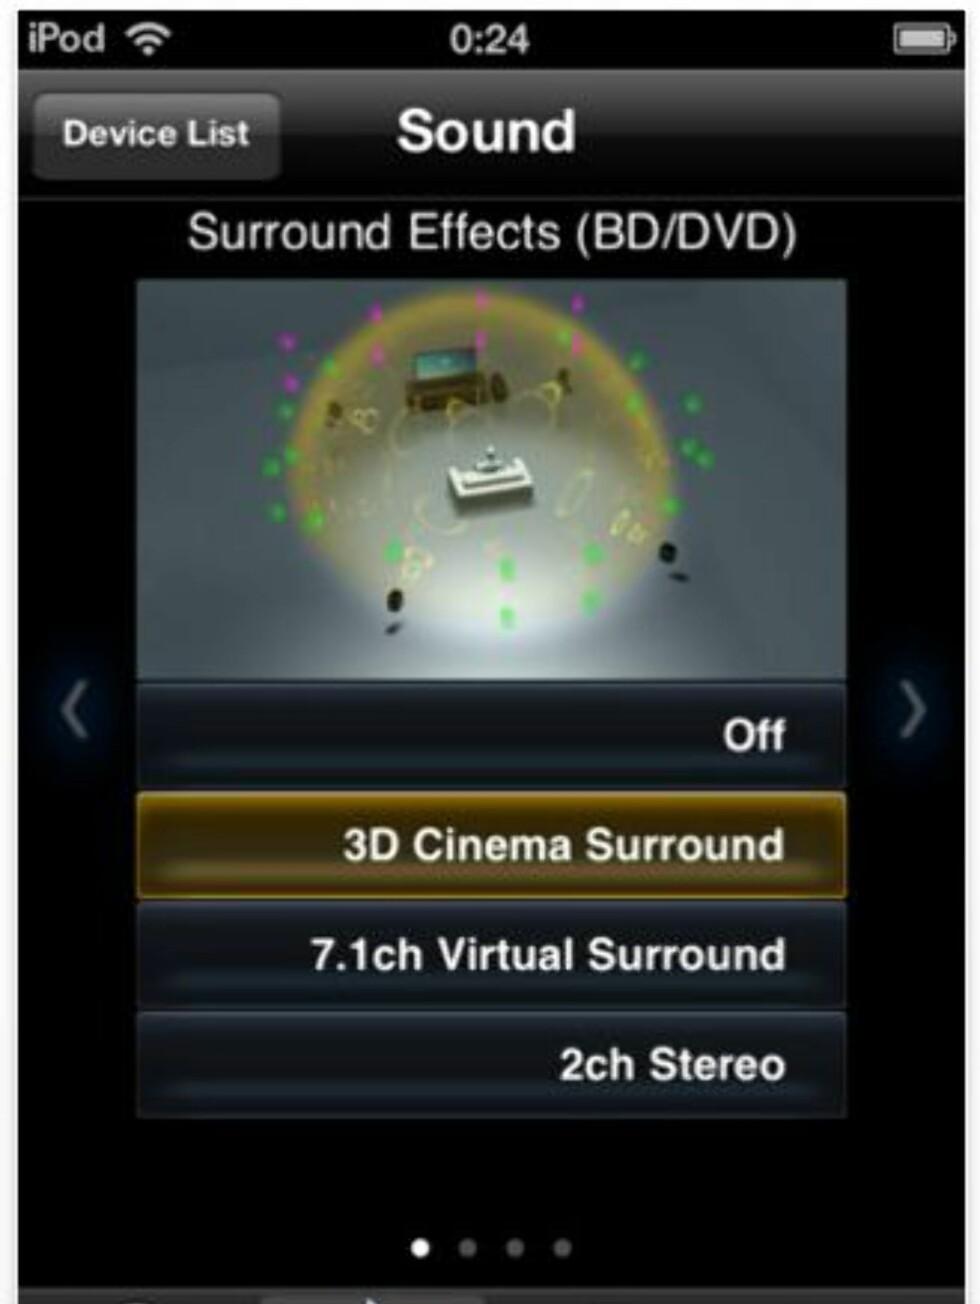 Animasjonene øverst gjør det enklere å forstå forskjellene i de ulike lyttemodusene. Foto: Produsent